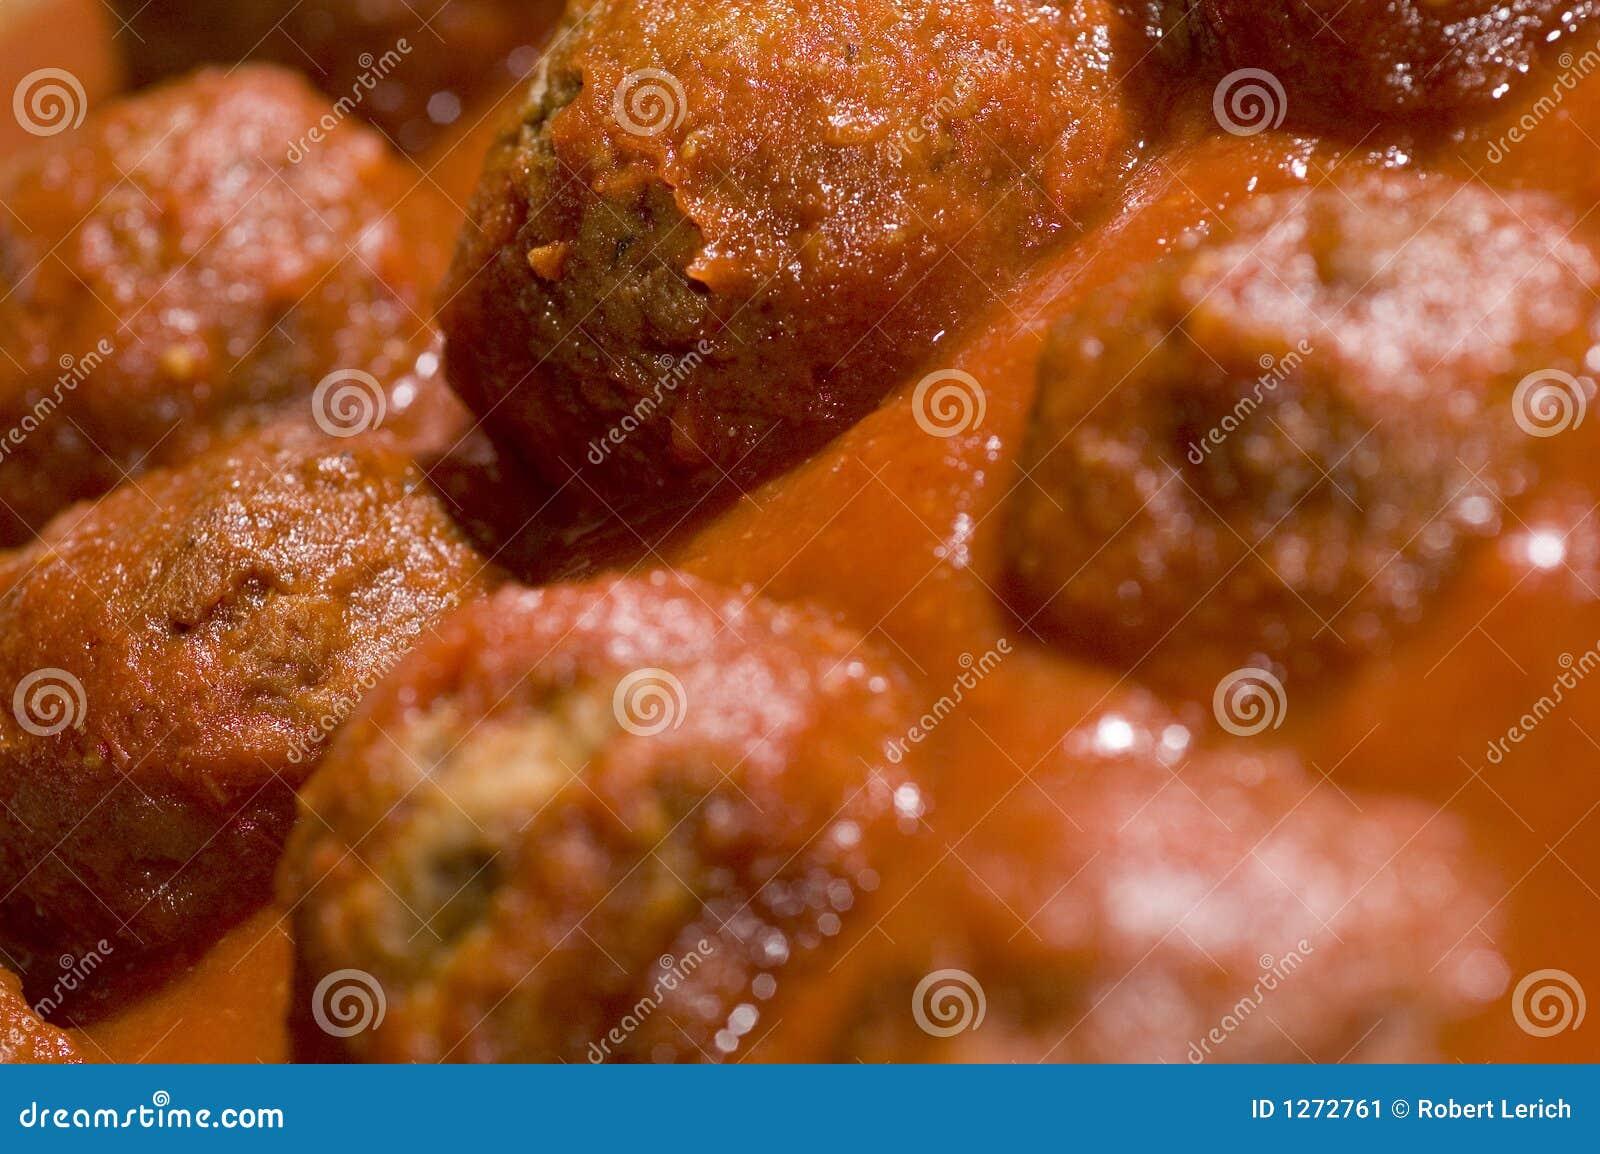 Meatballs tomato sauce